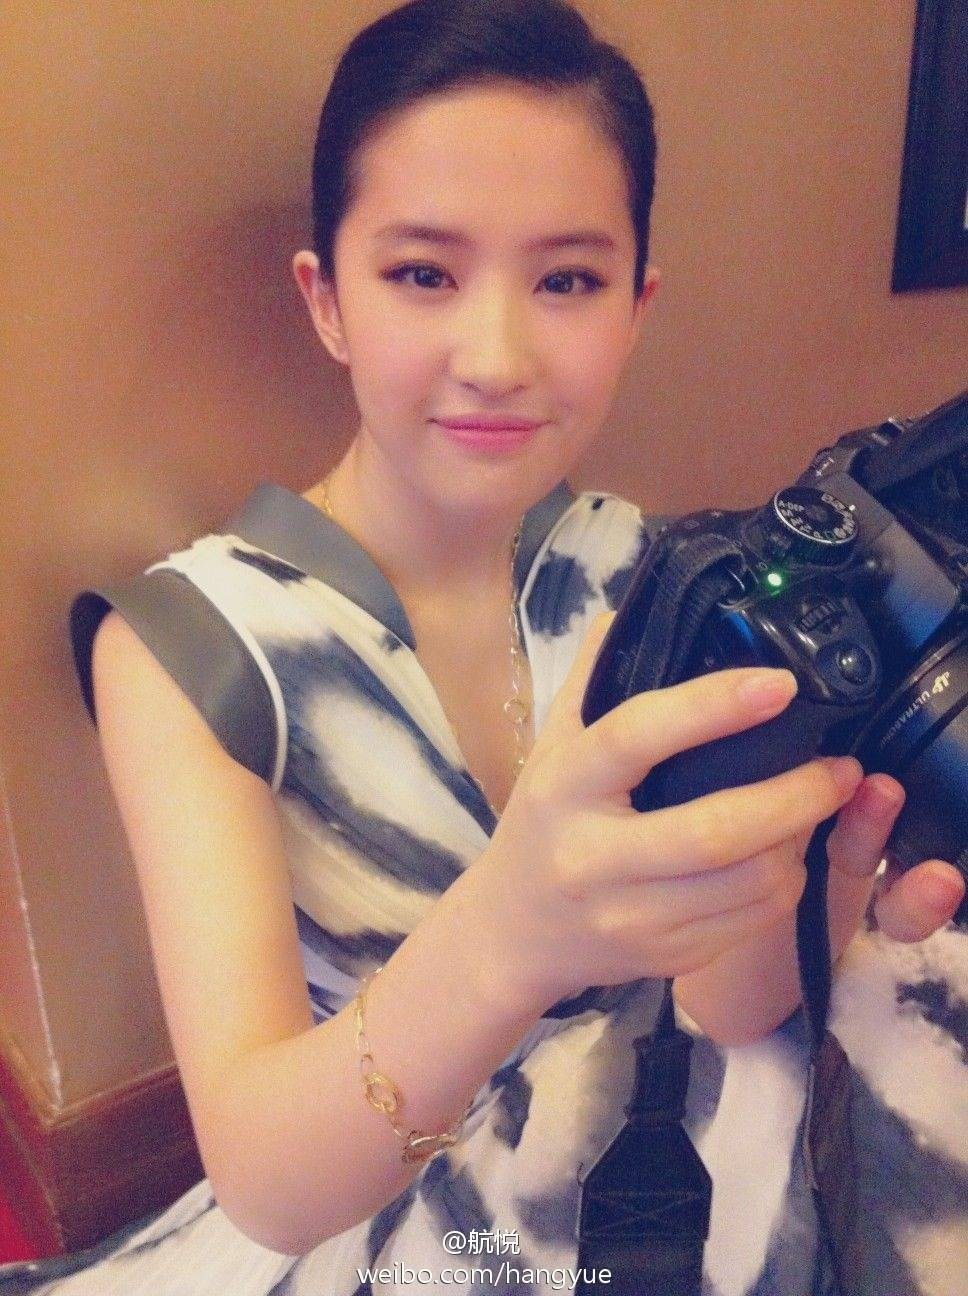 รวมภาพถ่ายจาก Blog และ Sina weibo Hang Yue  4a6856e2jw1dwwbio7tufj